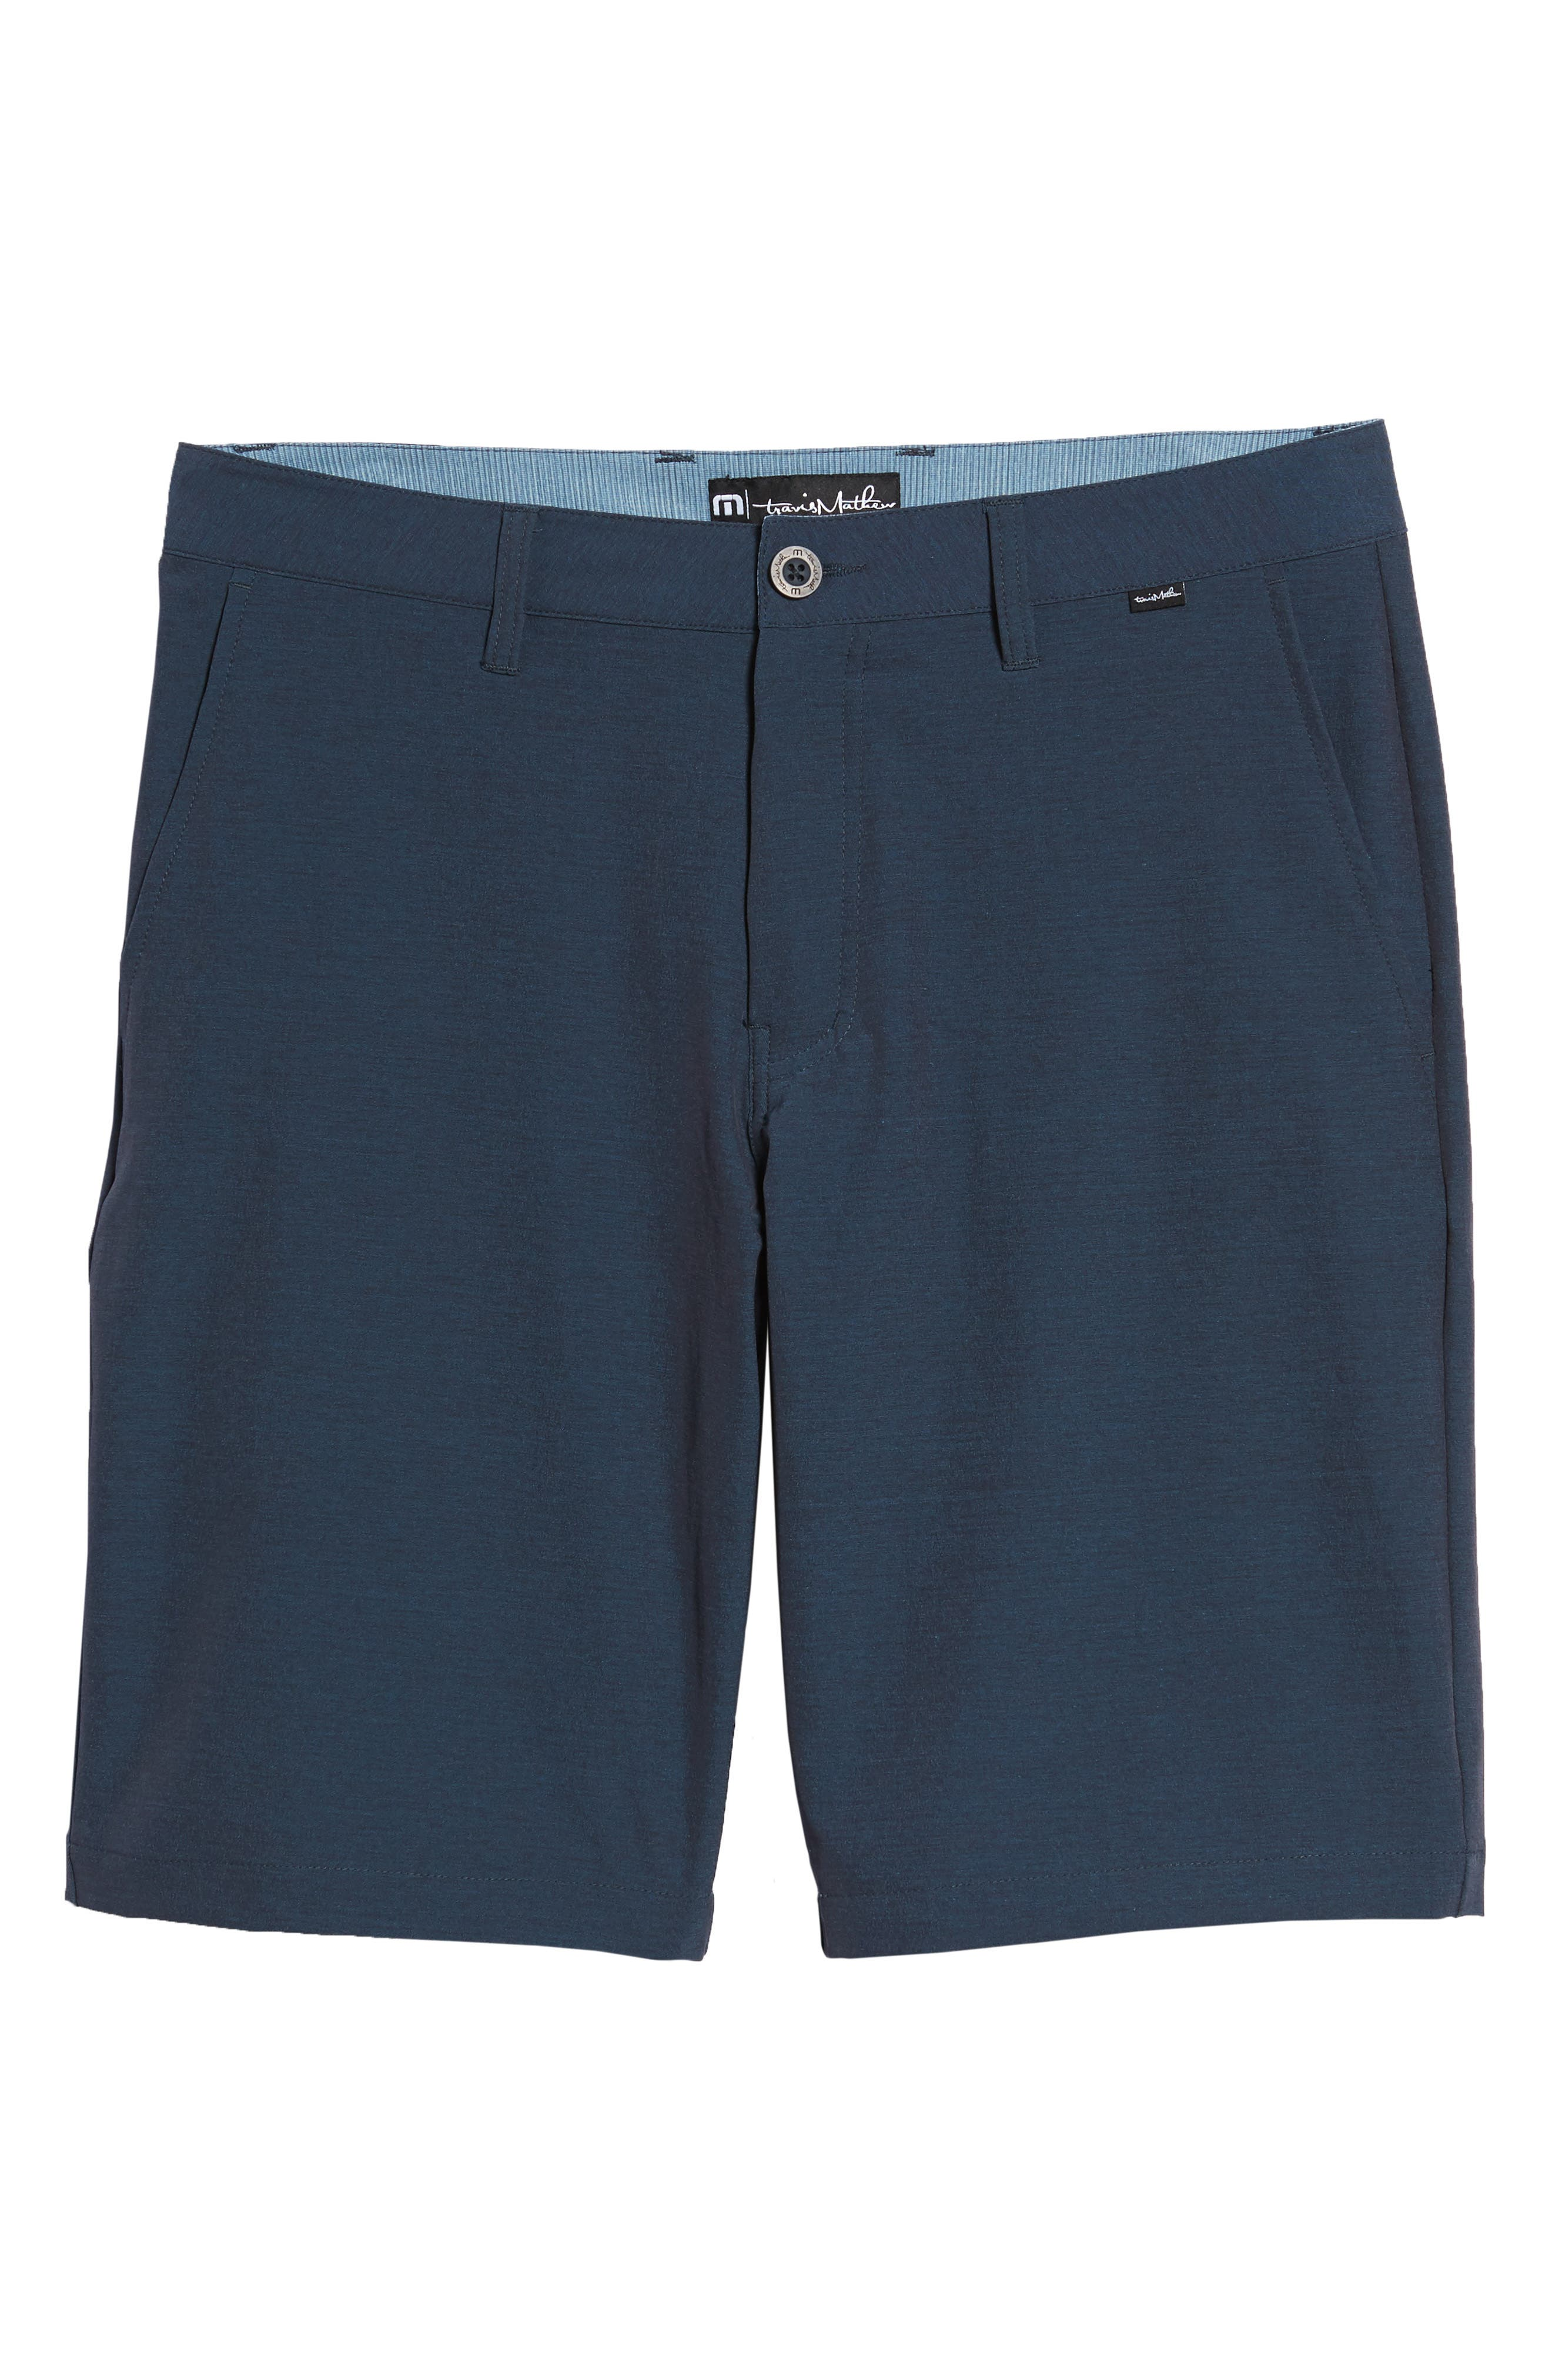 Pancho Shorts,                             Alternate thumbnail 6, color,